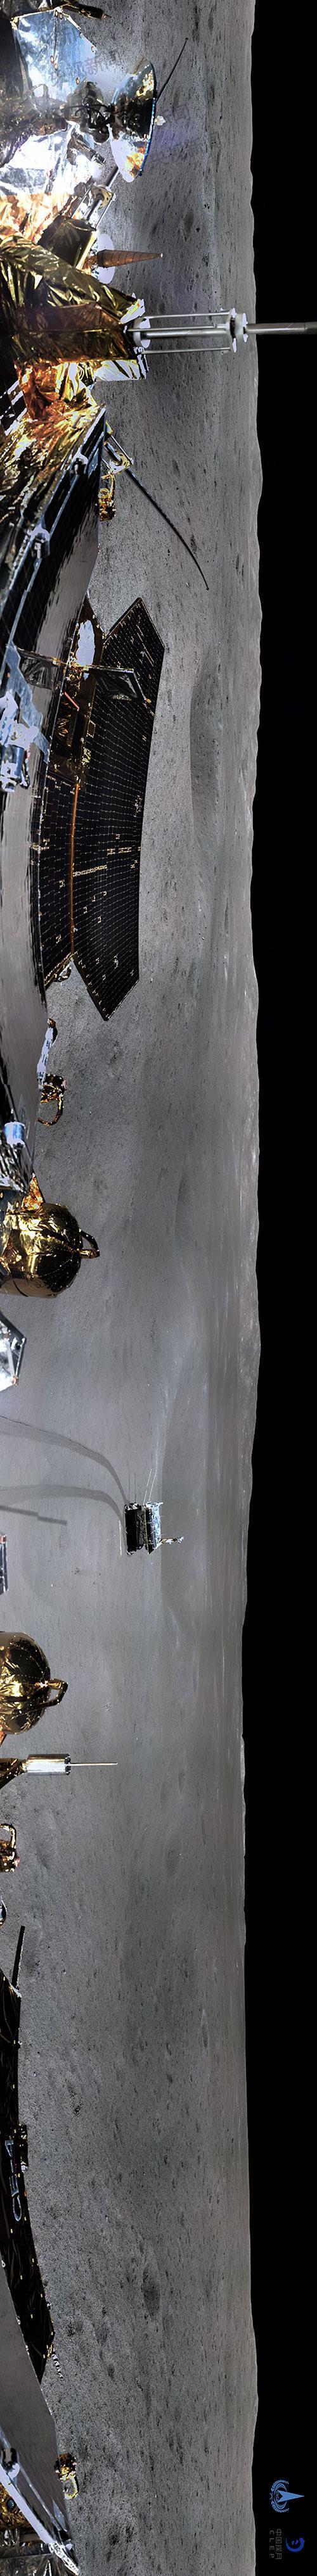 快看!世界上第一张月球背面全景图面世